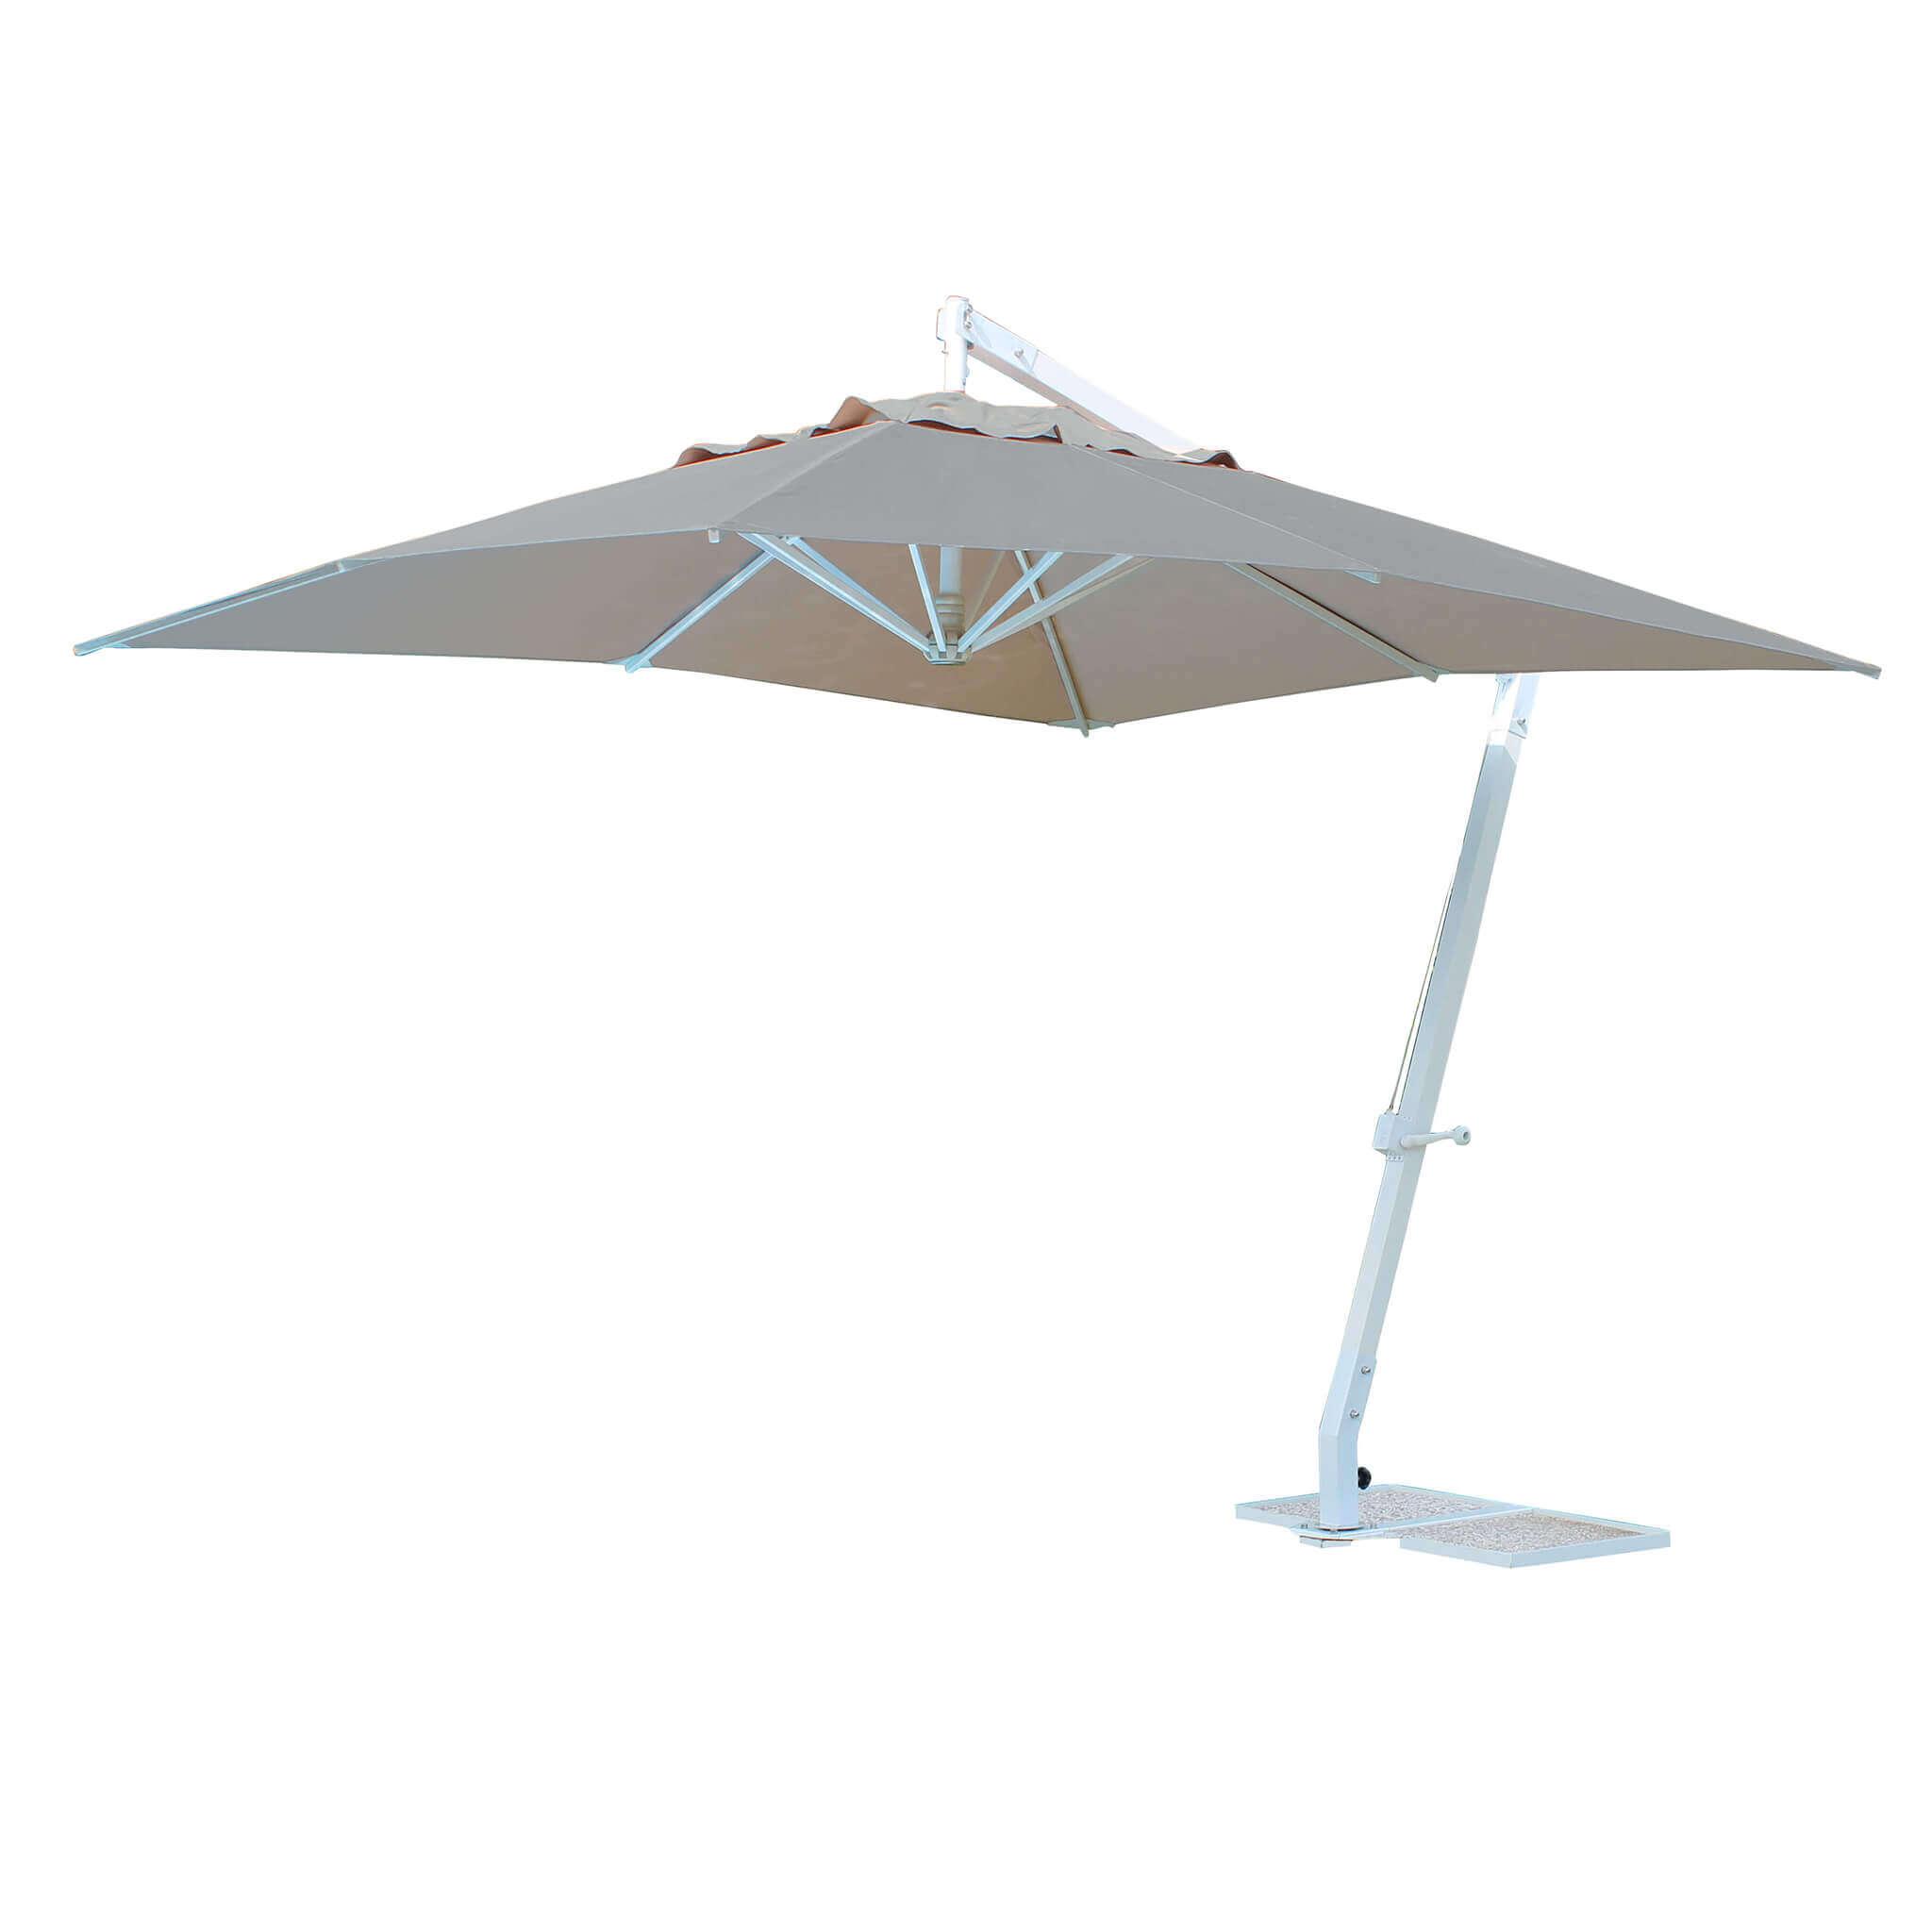 Milani Home THEMA - ombrellone da giardino 3 x 3 decentrato in alluminio